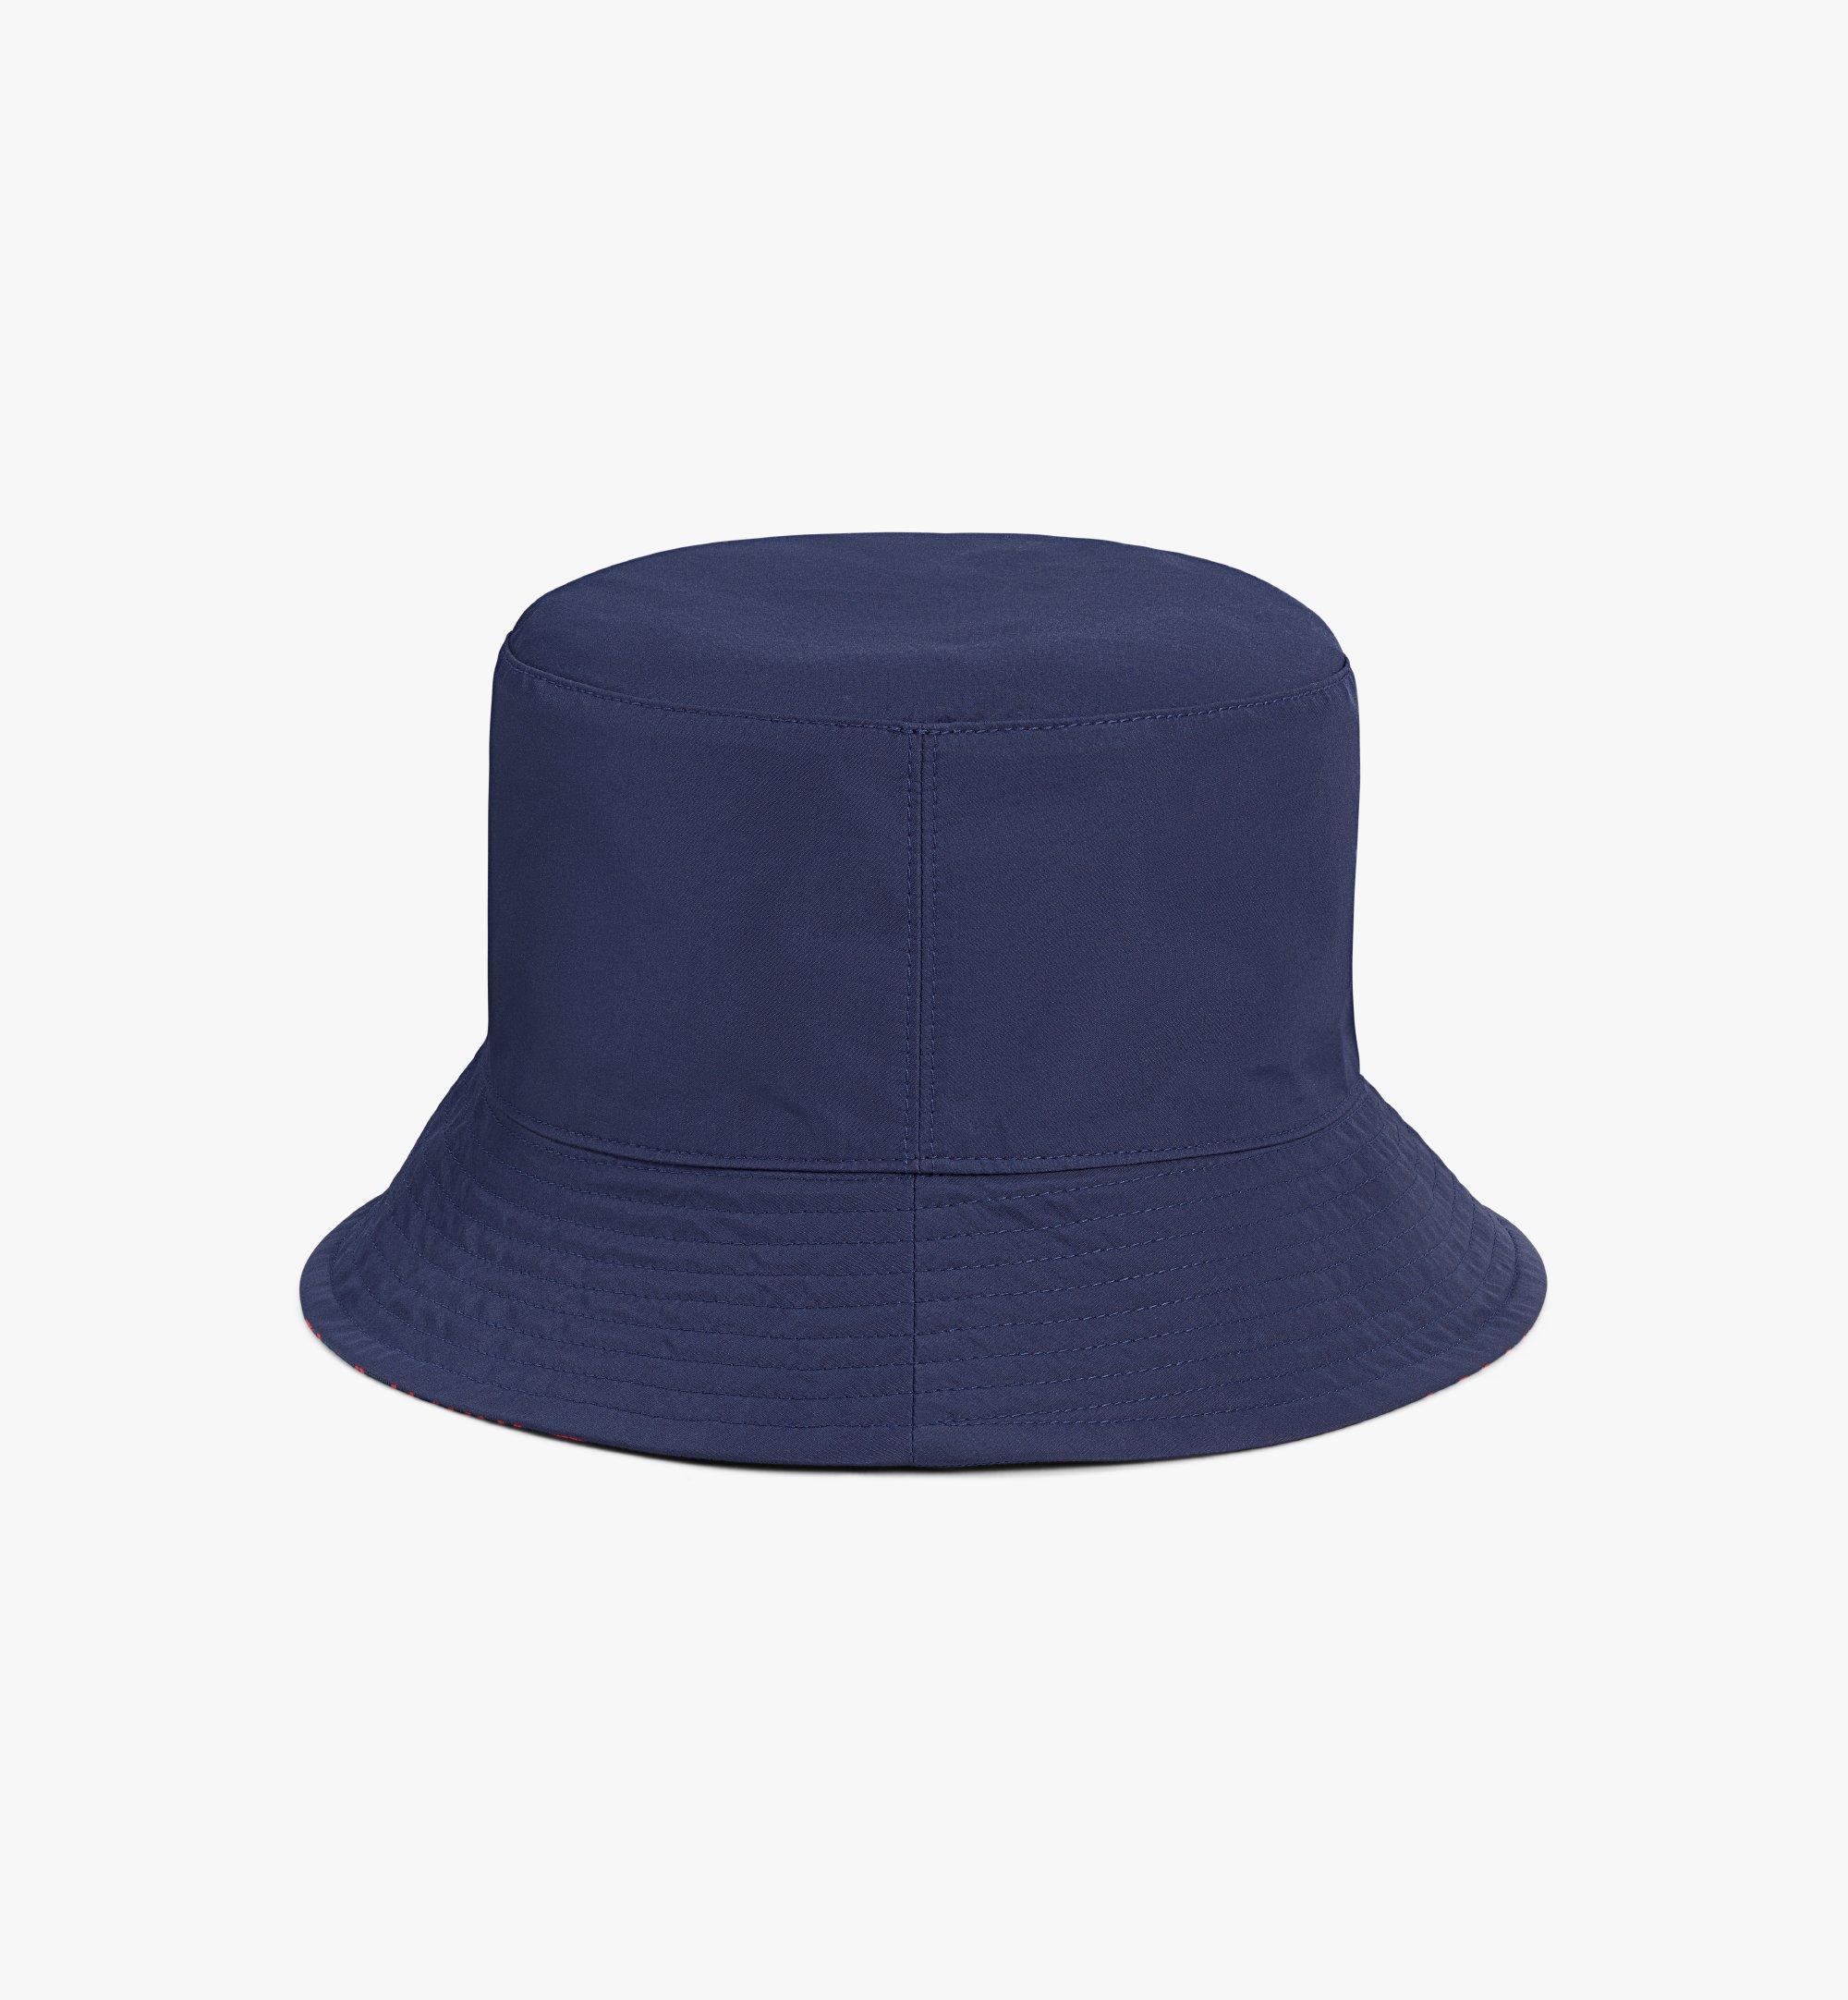 MCM Reversible Monogram Bucket Hat Blue MEHAAMM03VV001 Alternate View 3